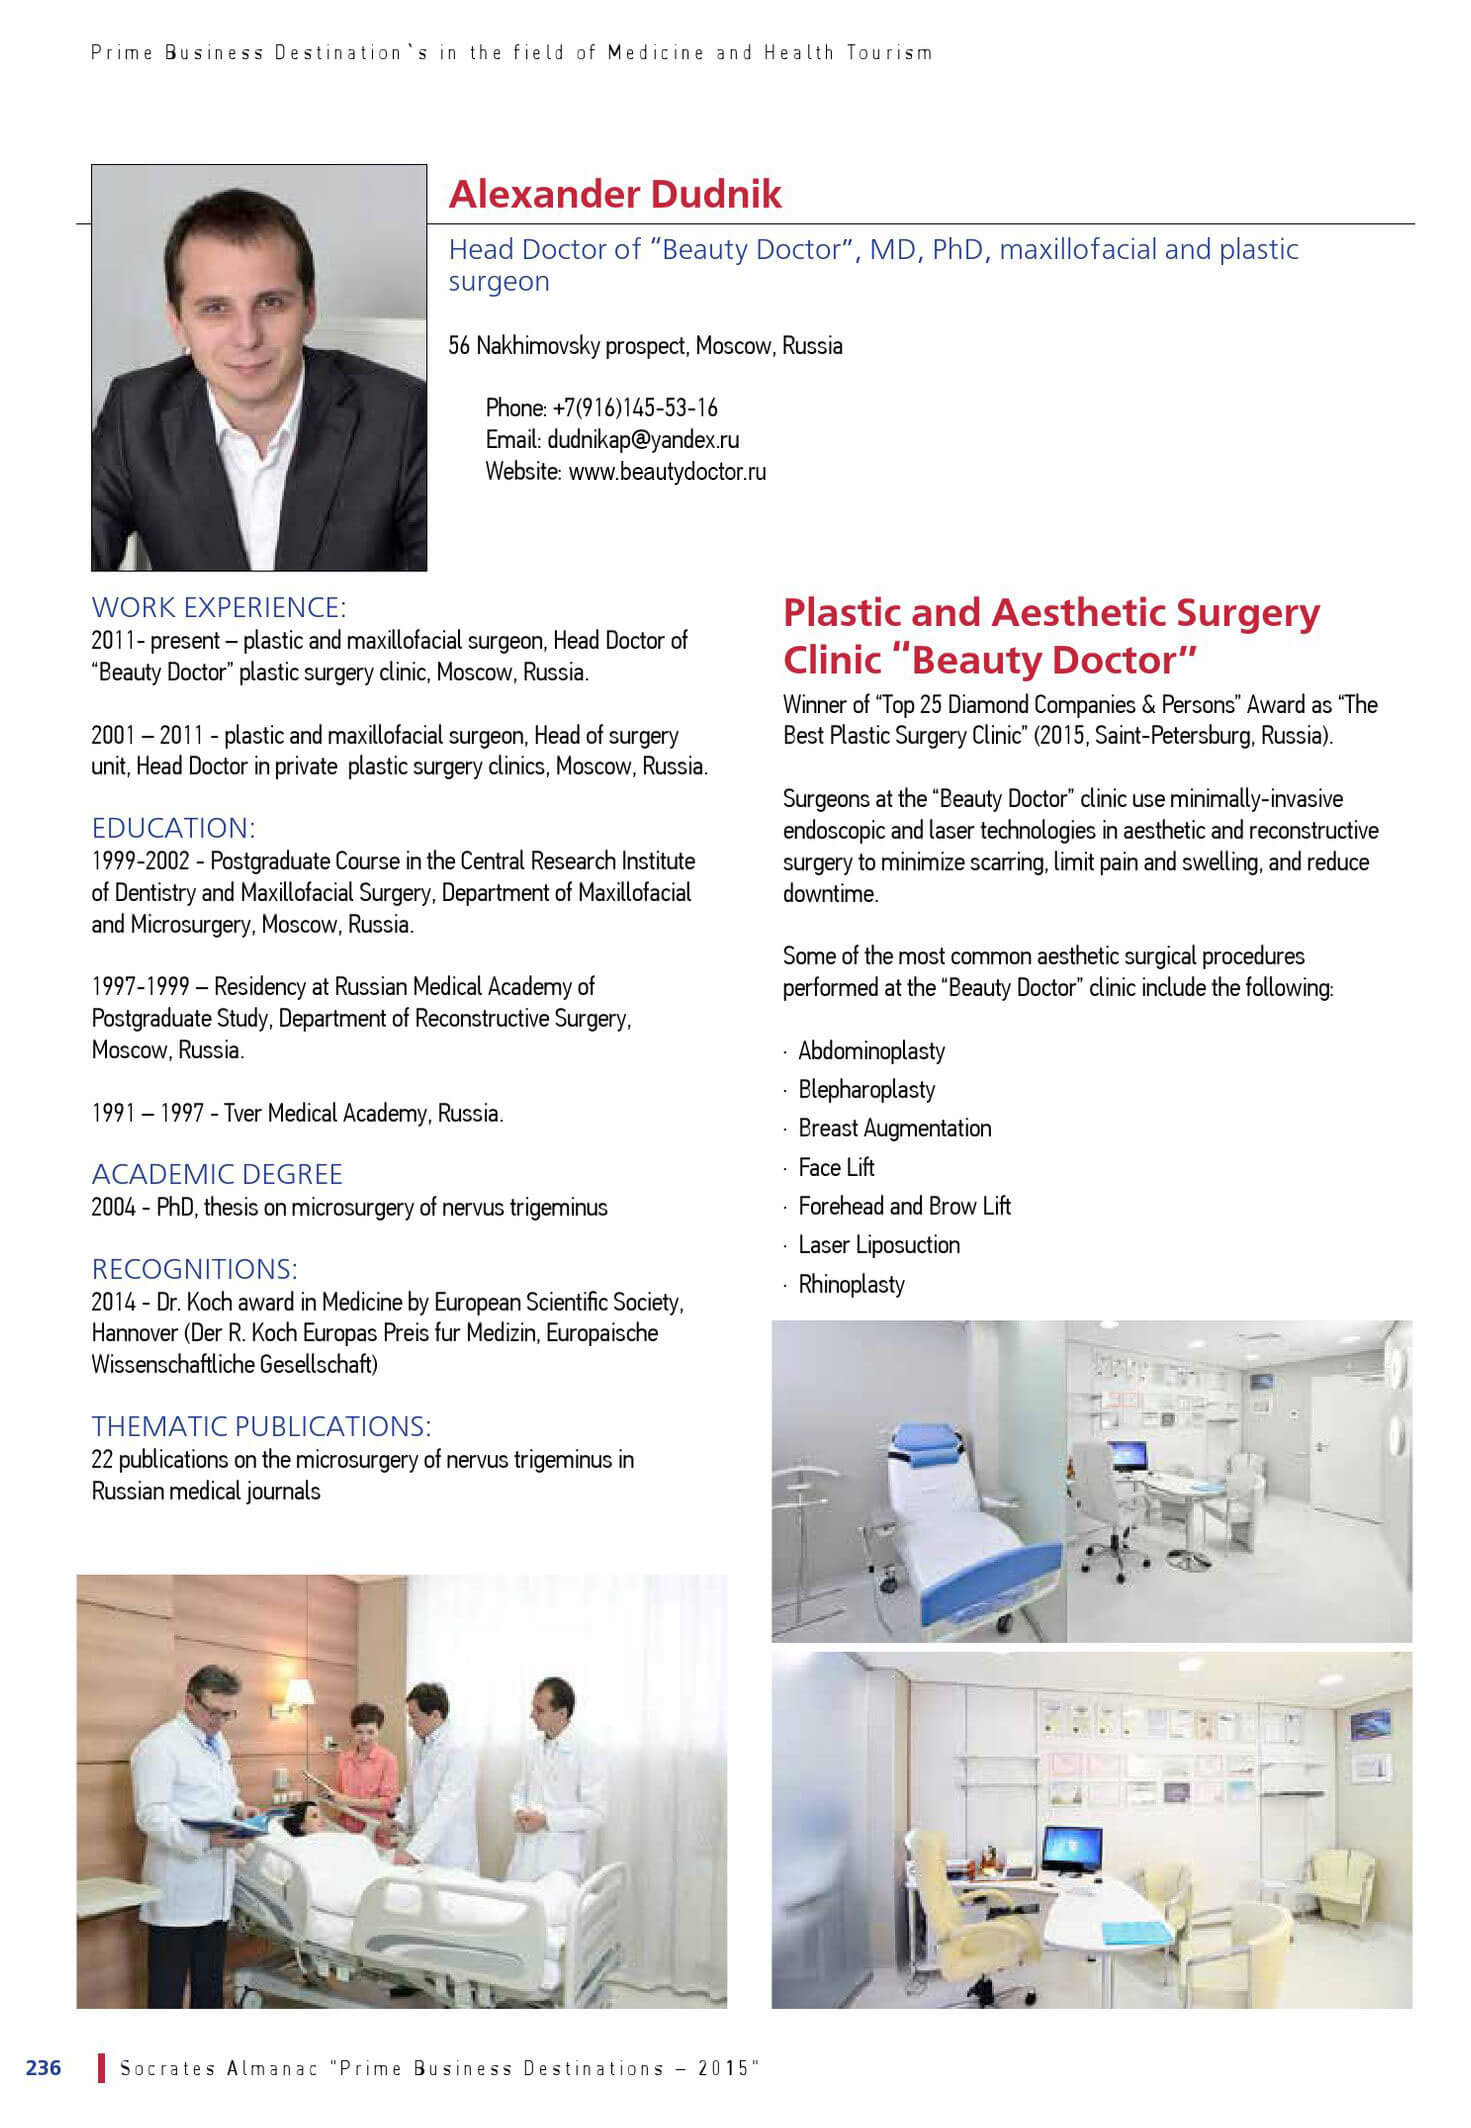 Клиника Beauty Doctor и главный врач Дудник А.П. включены в специальный выпуск Сократовского Альманаха